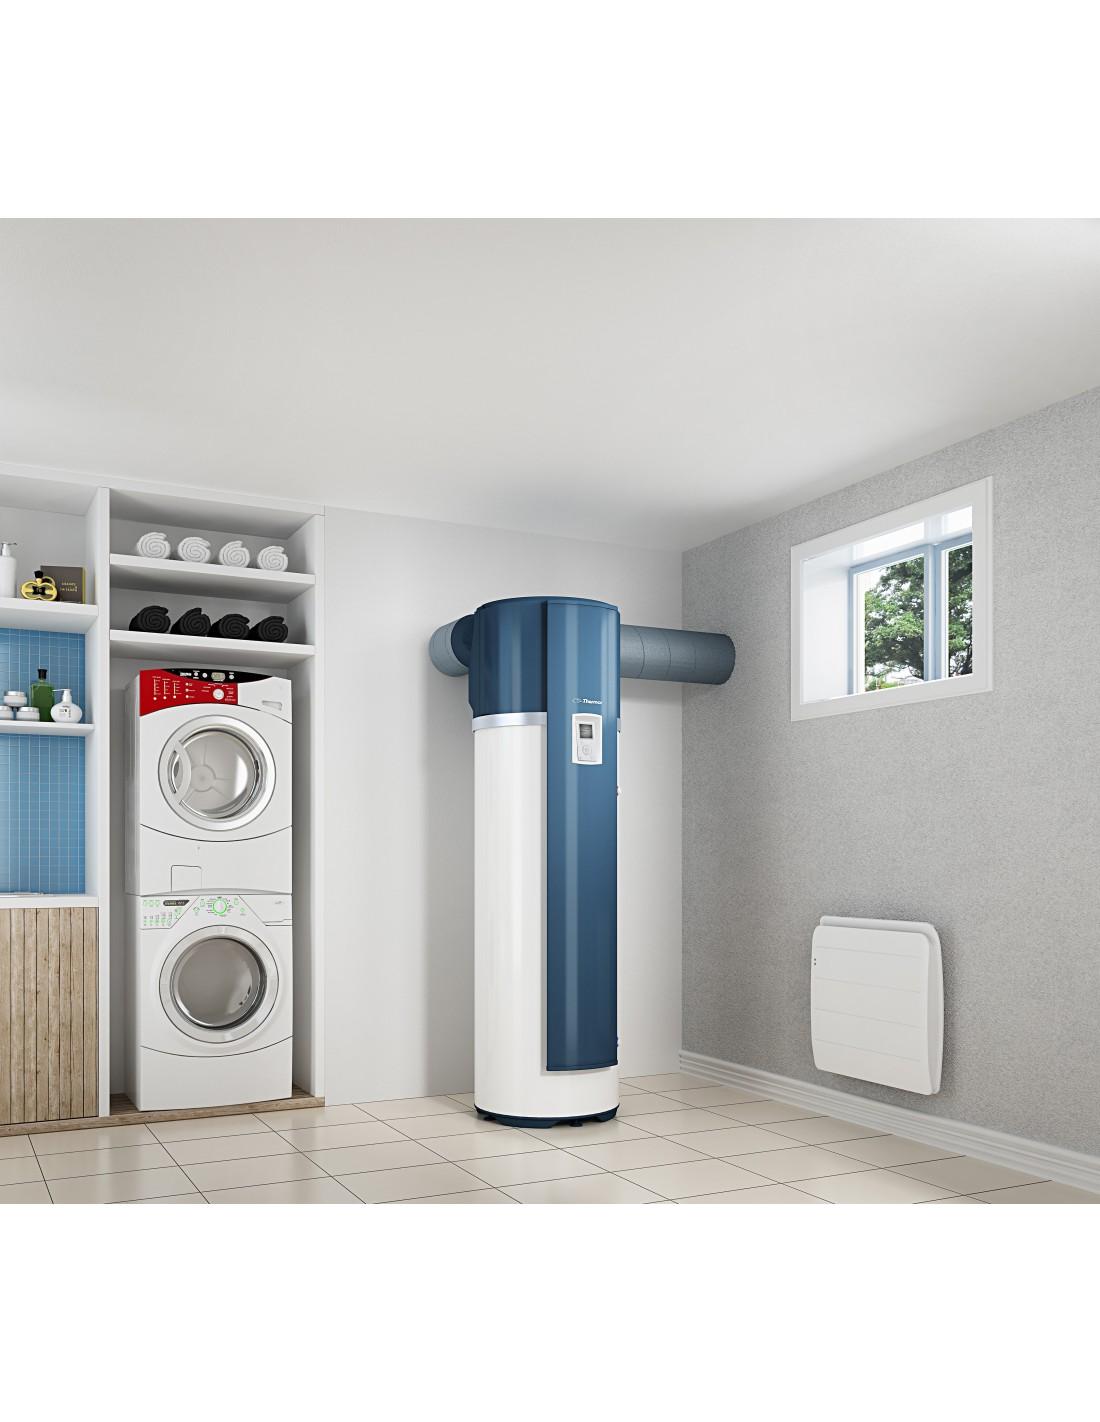 Chauffe eau thermodynamique 270l a romax 4 thermor for Comparatif chauffe eau thermodynamique